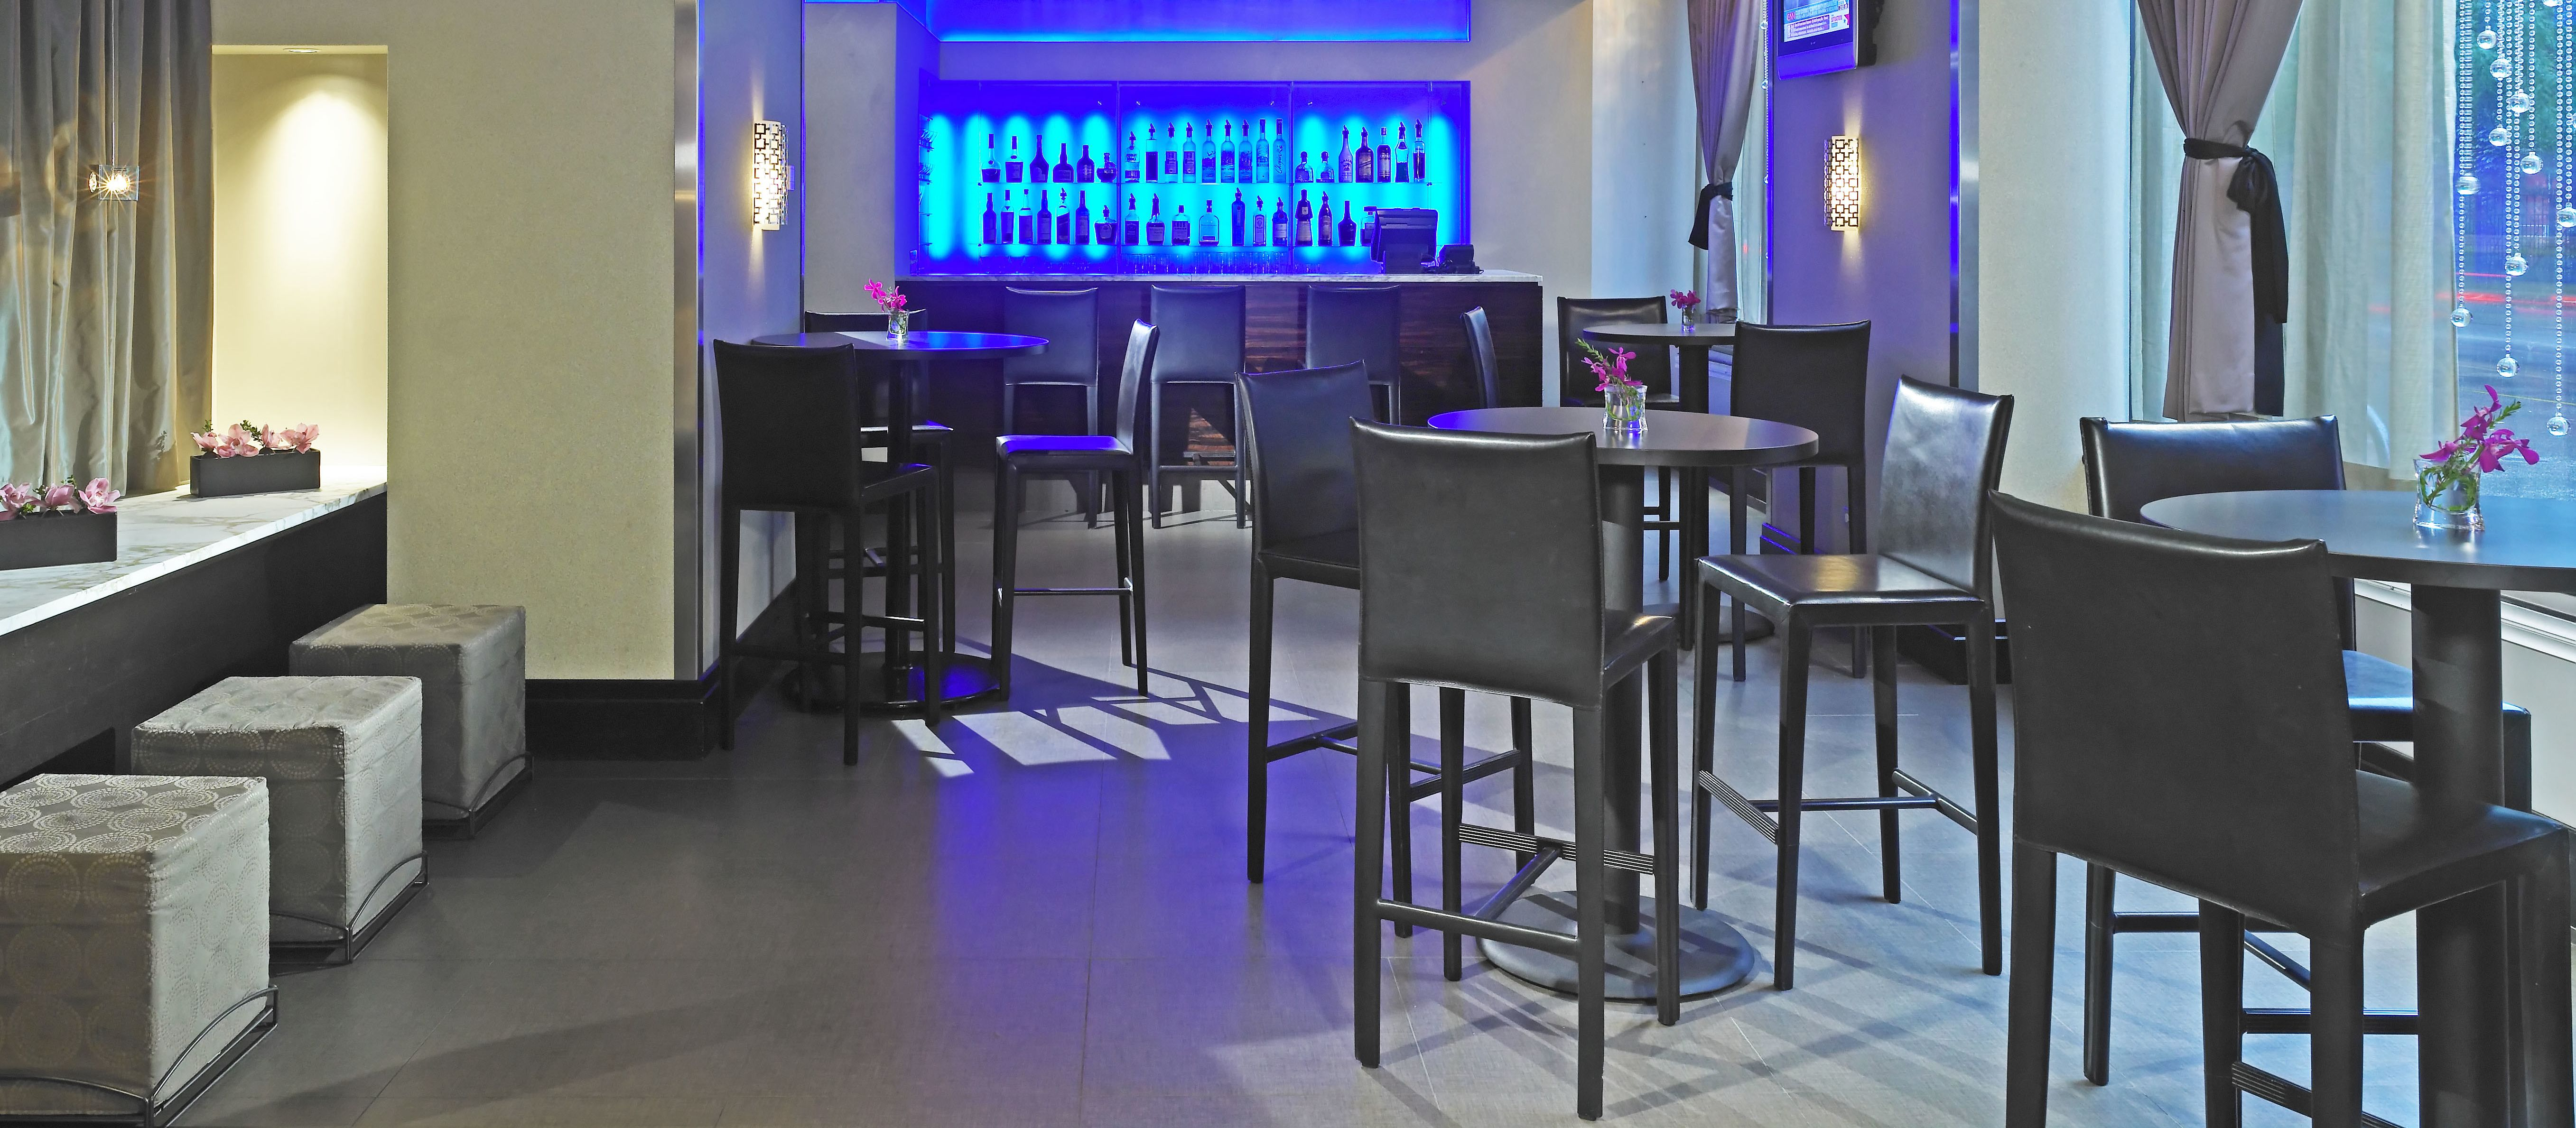 The Inn Bar im Inn of Chicago, Illinois